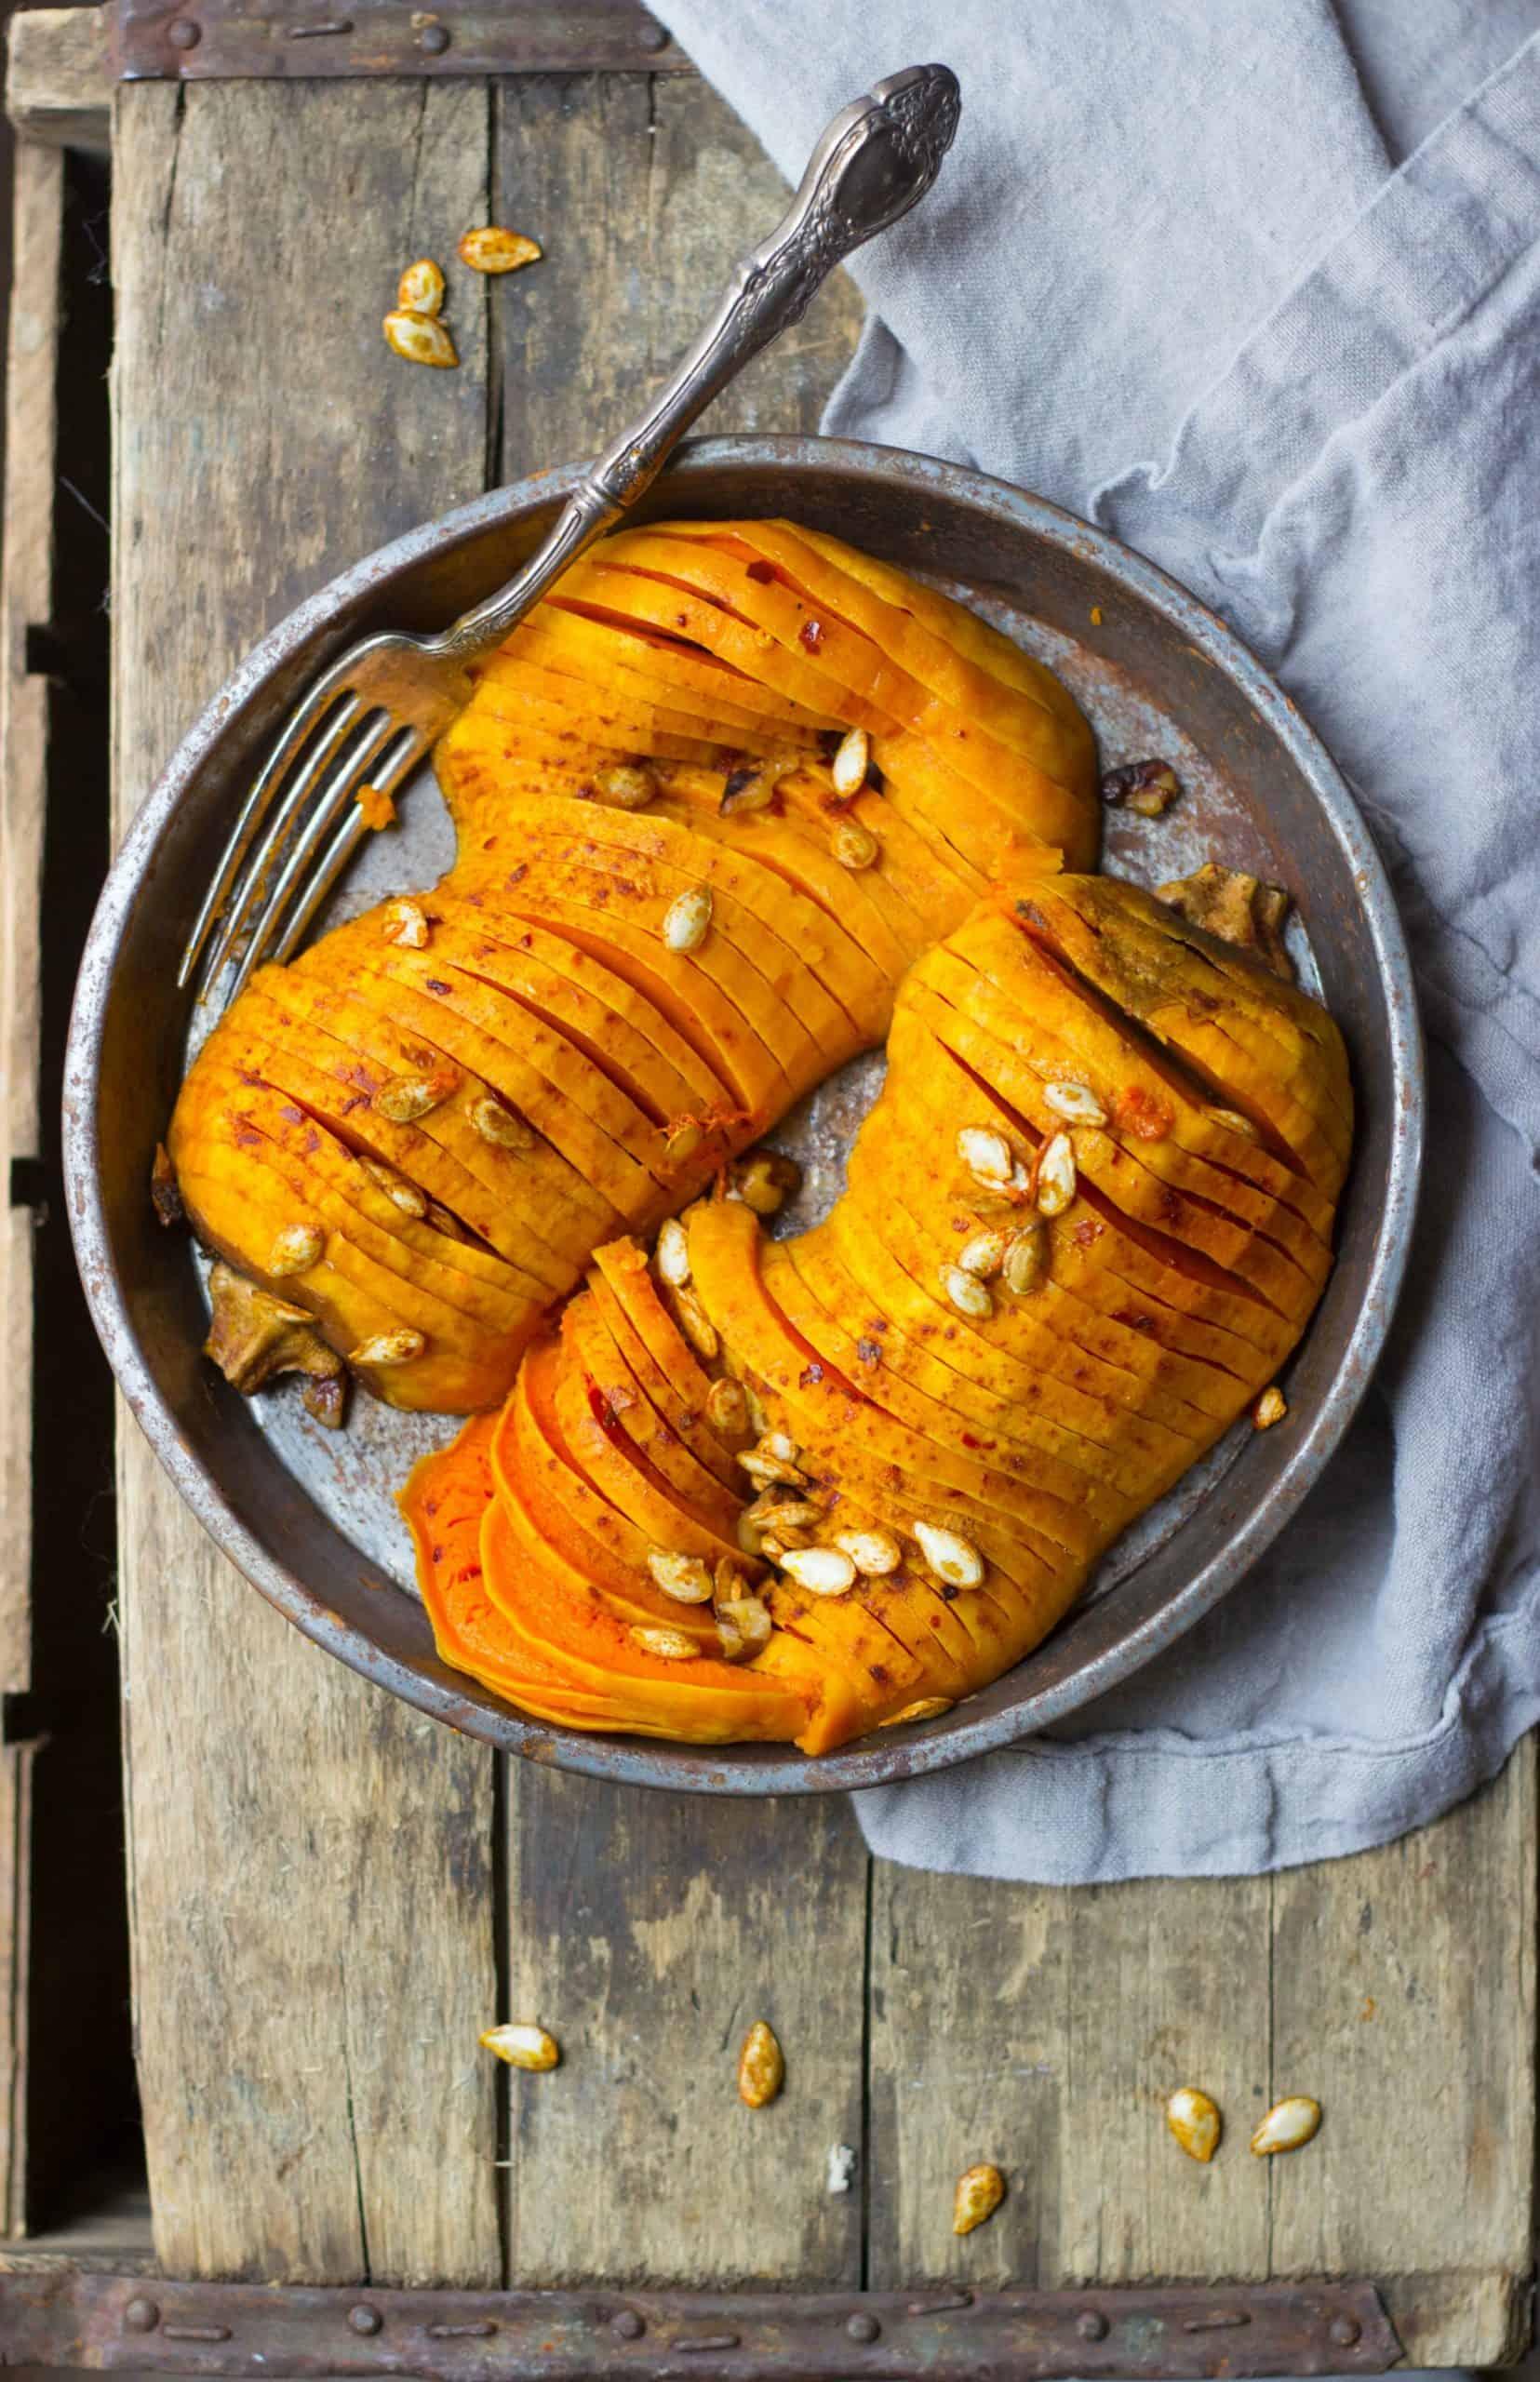 Hasselback butternut squash in a pie tin